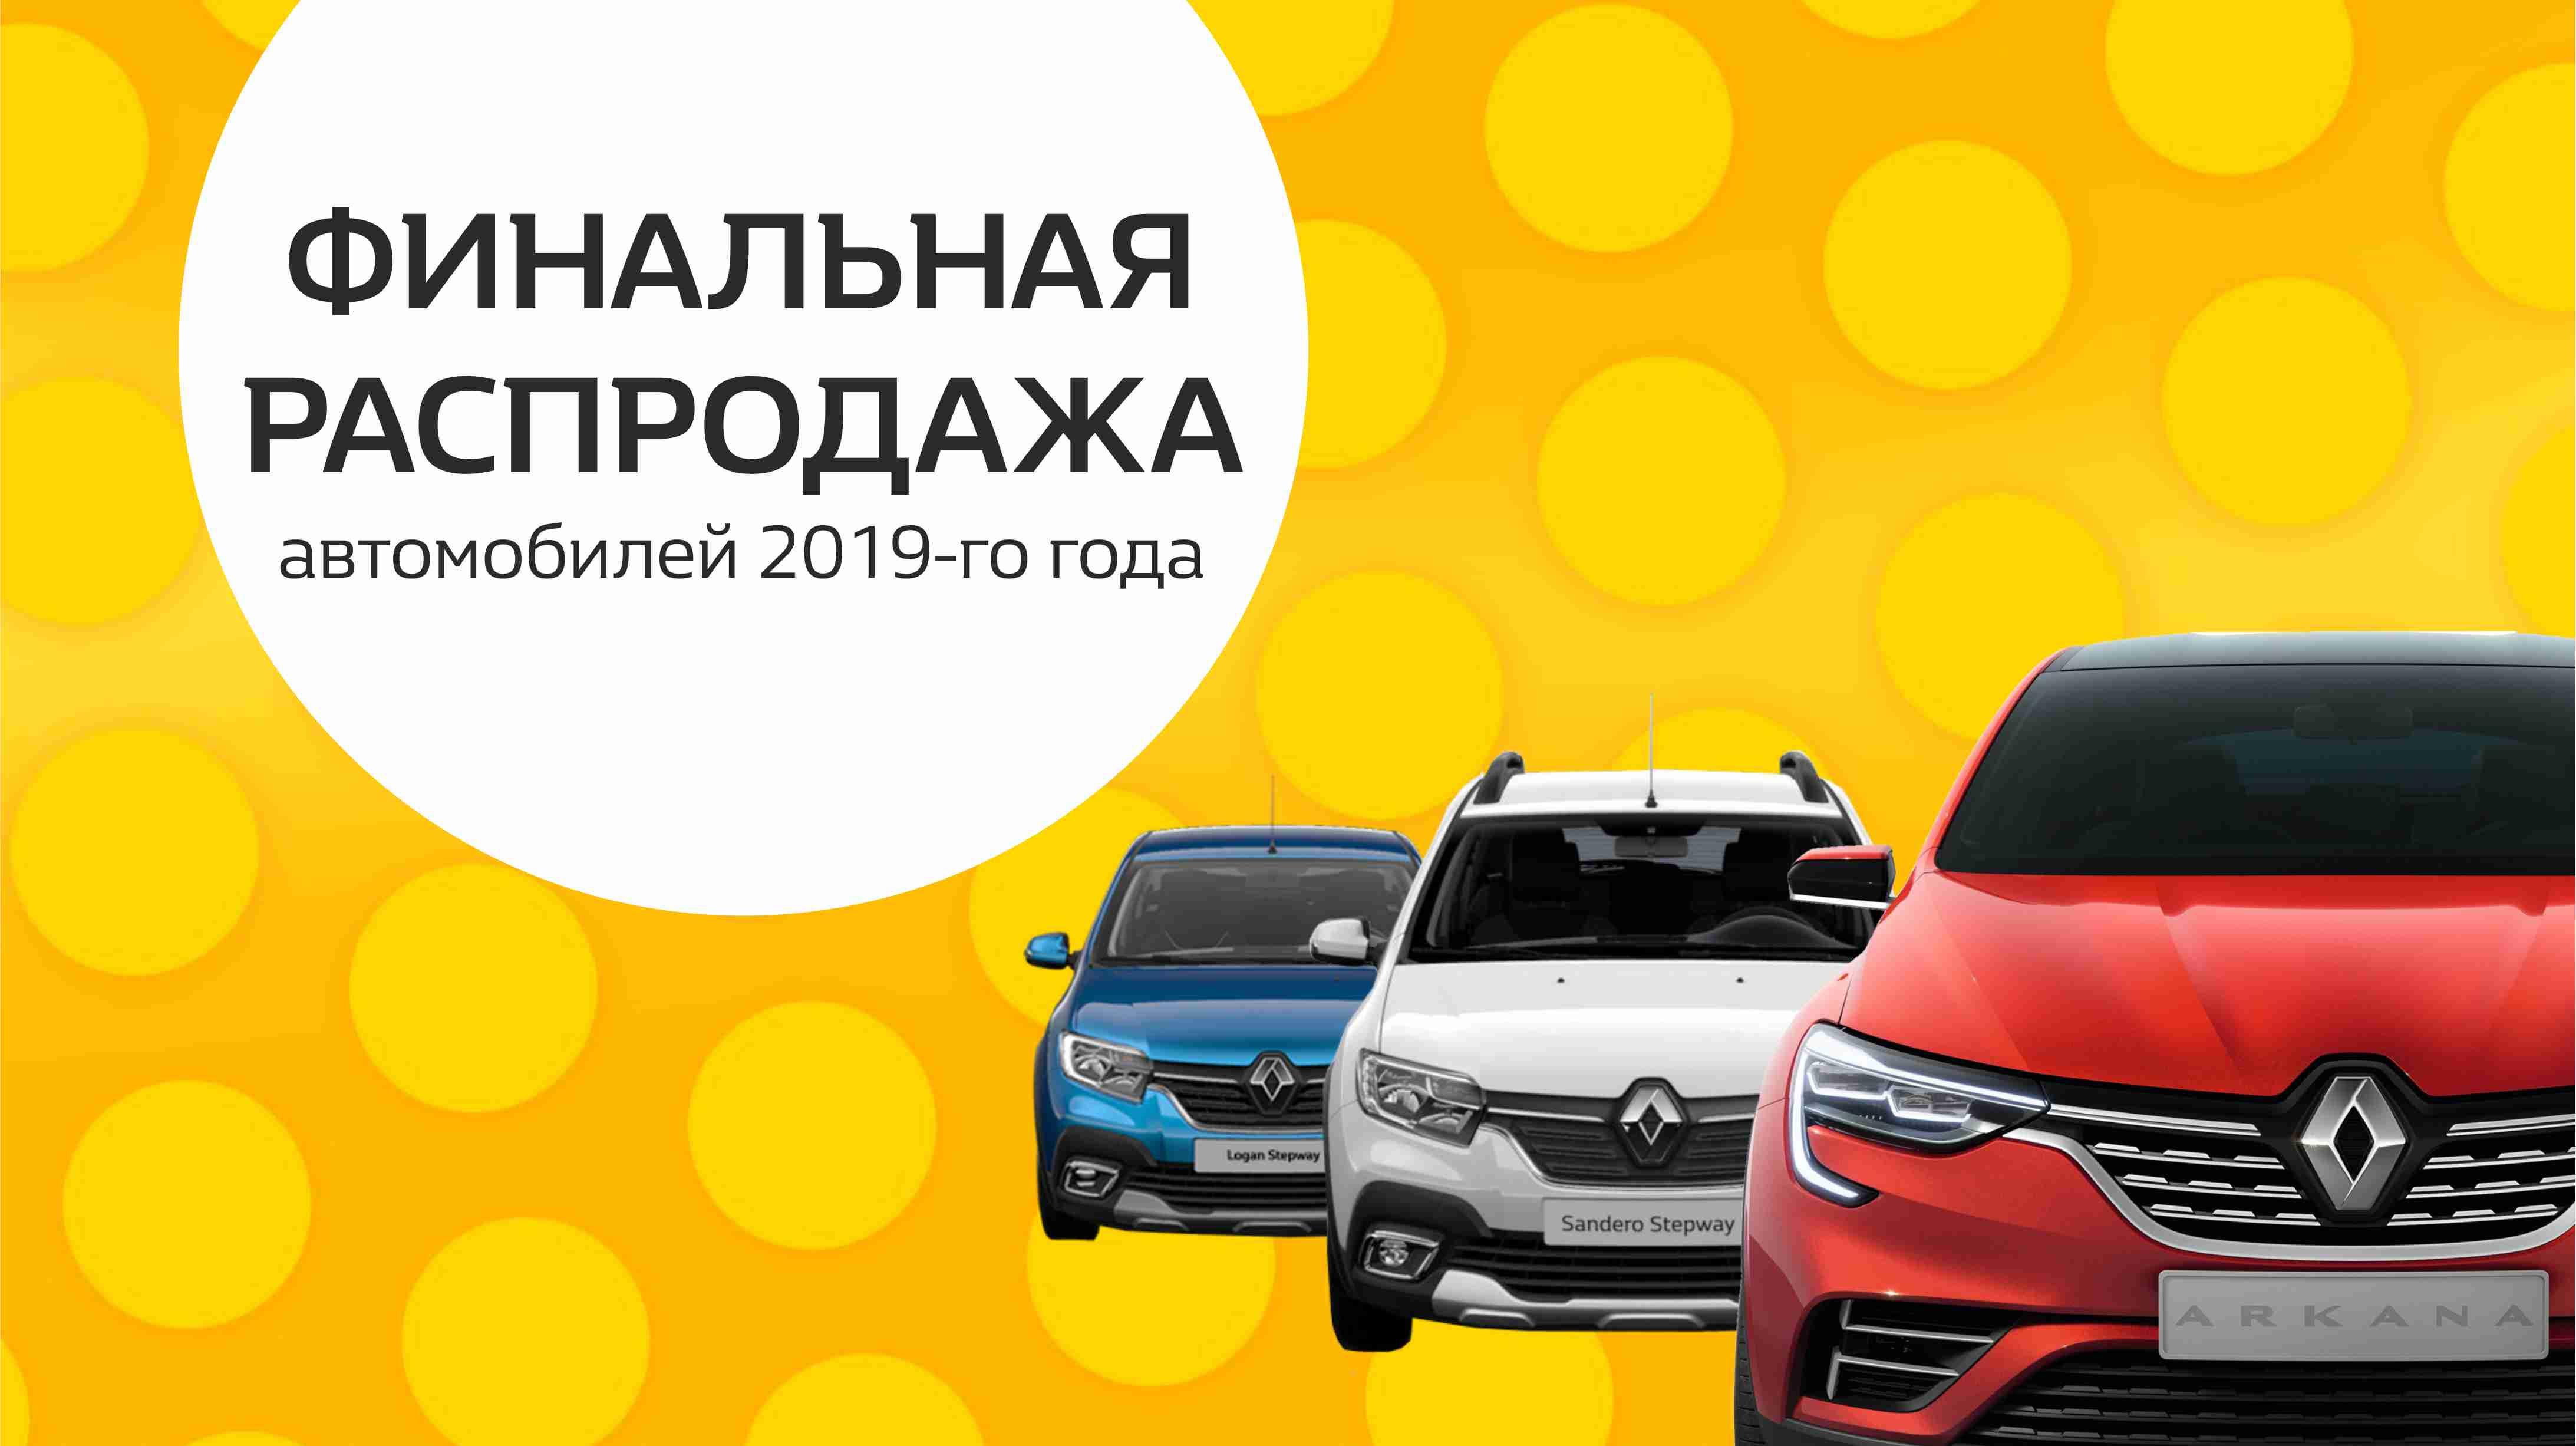 ФИНАЛЬНАЯ РАСПРОДАЖА всех автомобилей 2019-го года! Выгода до 300 000 рублей!